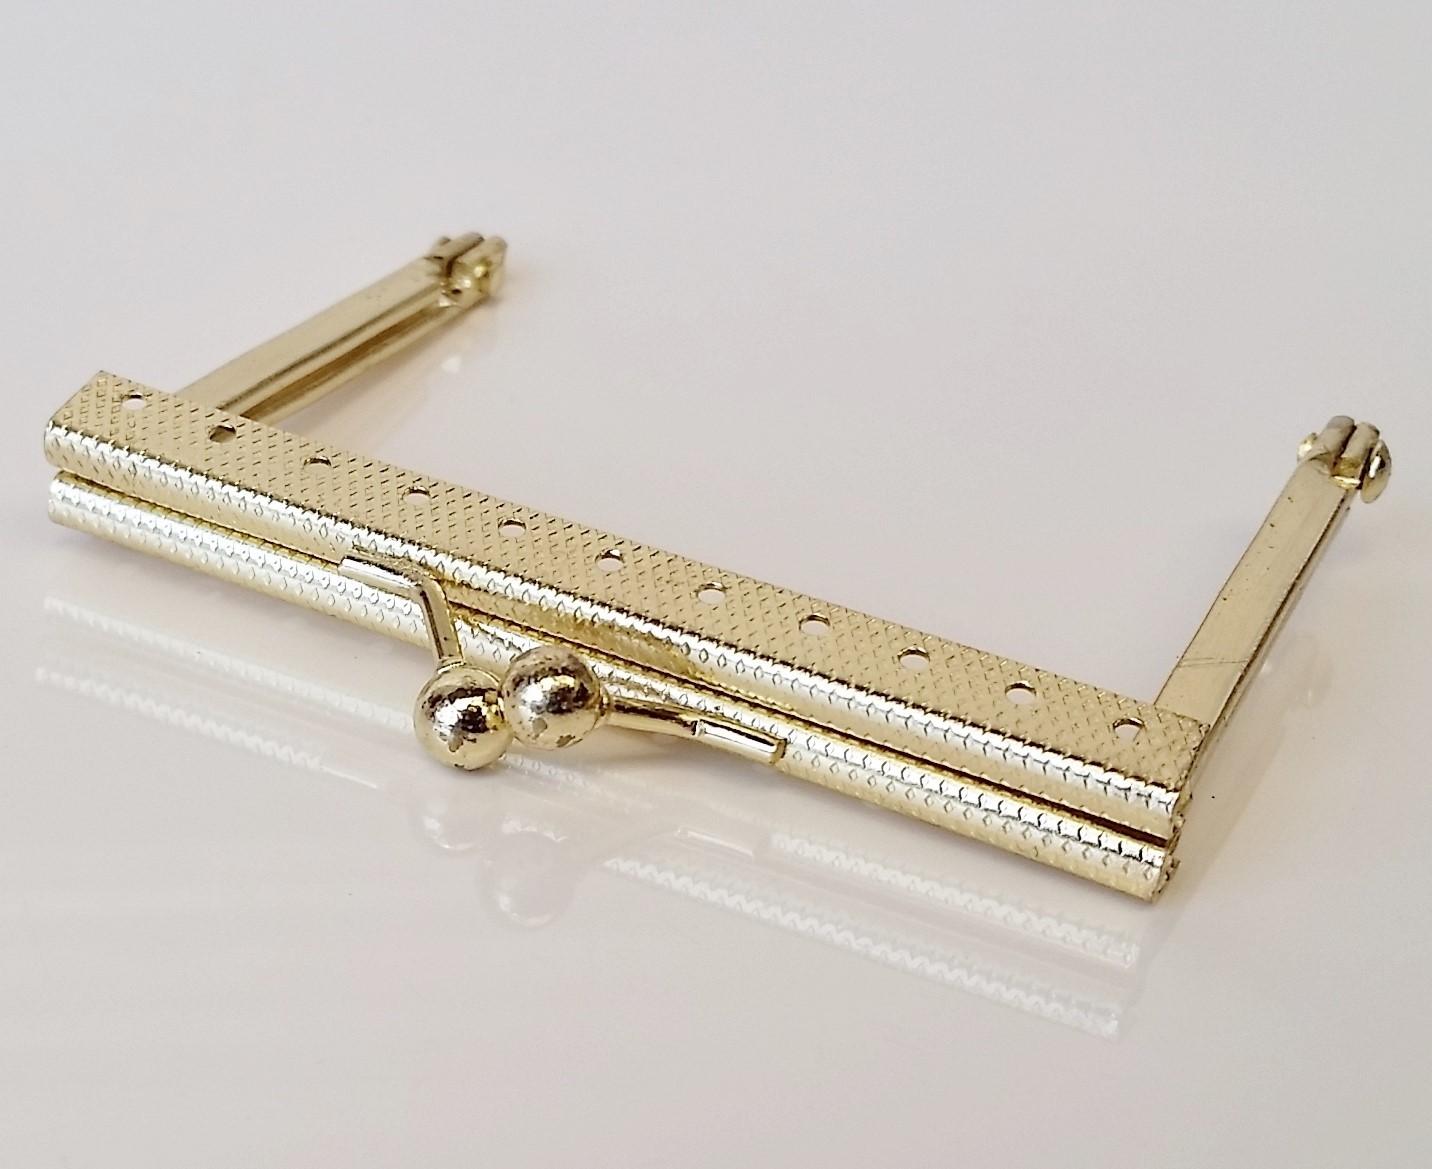 Armação 8cm x 6cm Gravada c/ furos p/ costura Latonada